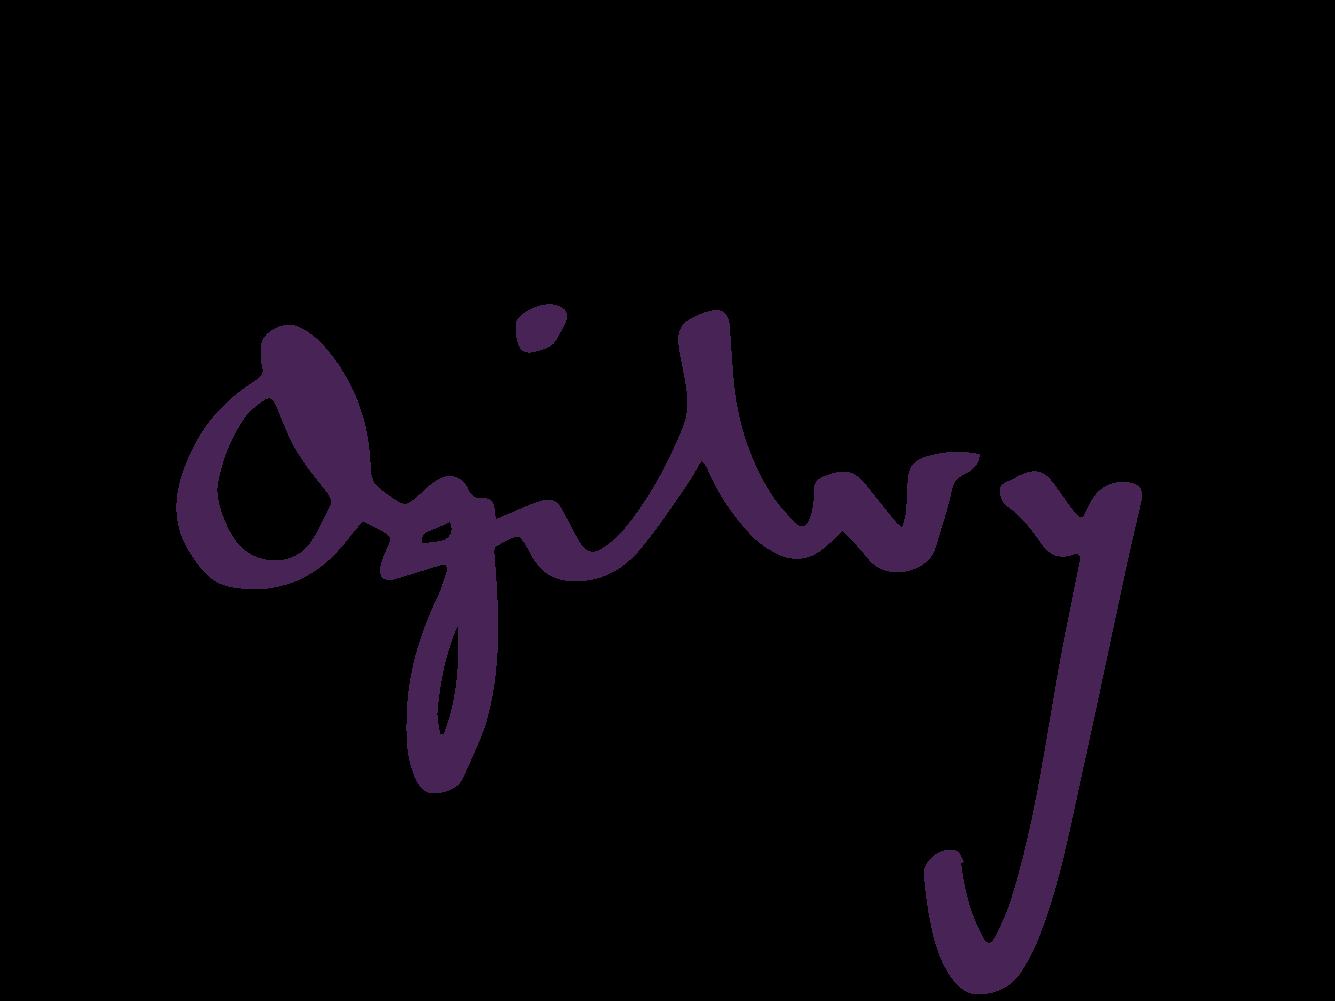 logos_workshops-02.png